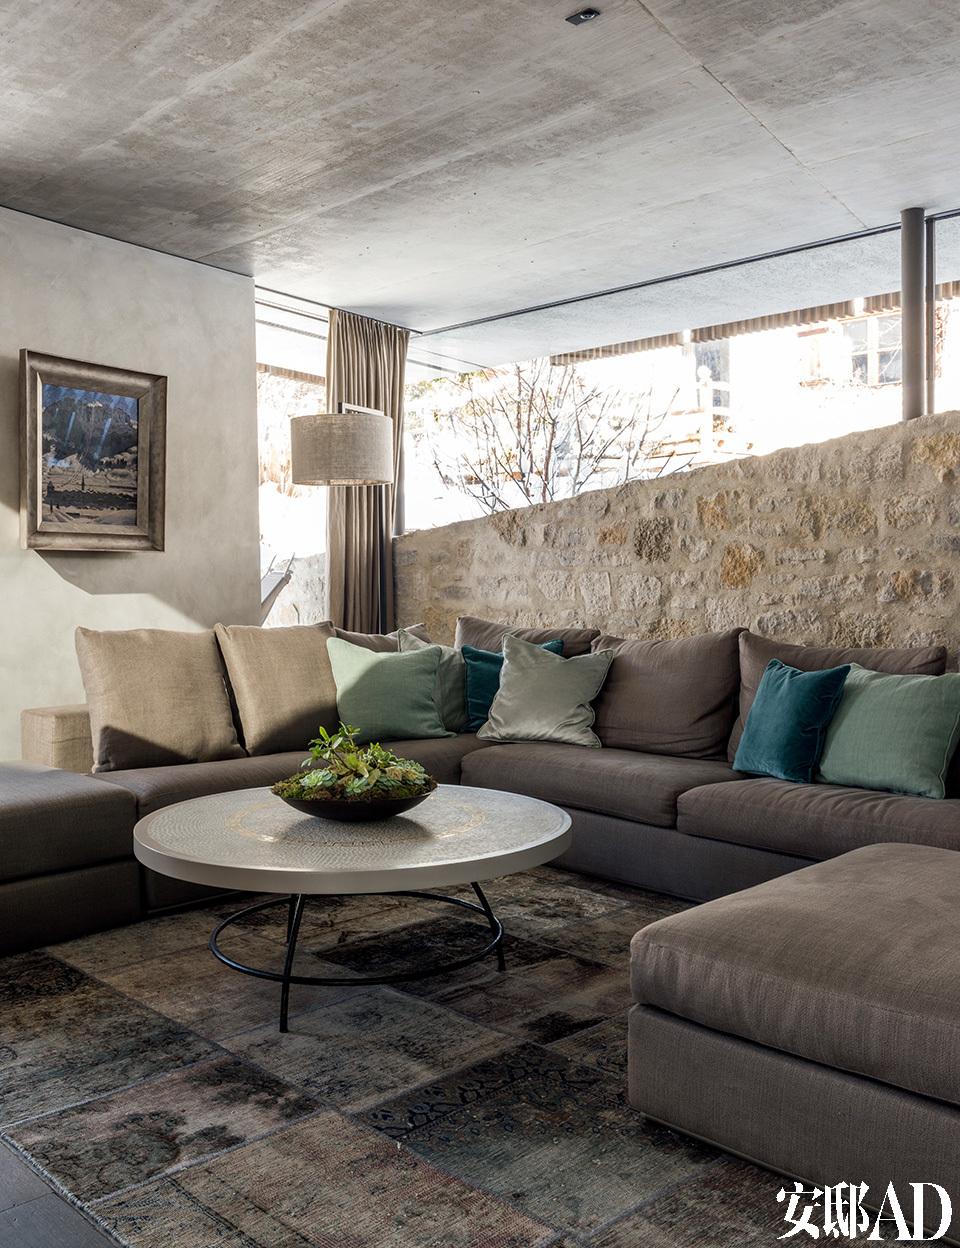 地面层的客厅里,舒适的沙发角落温馨宜人,墙面是由天然石材料制成的。